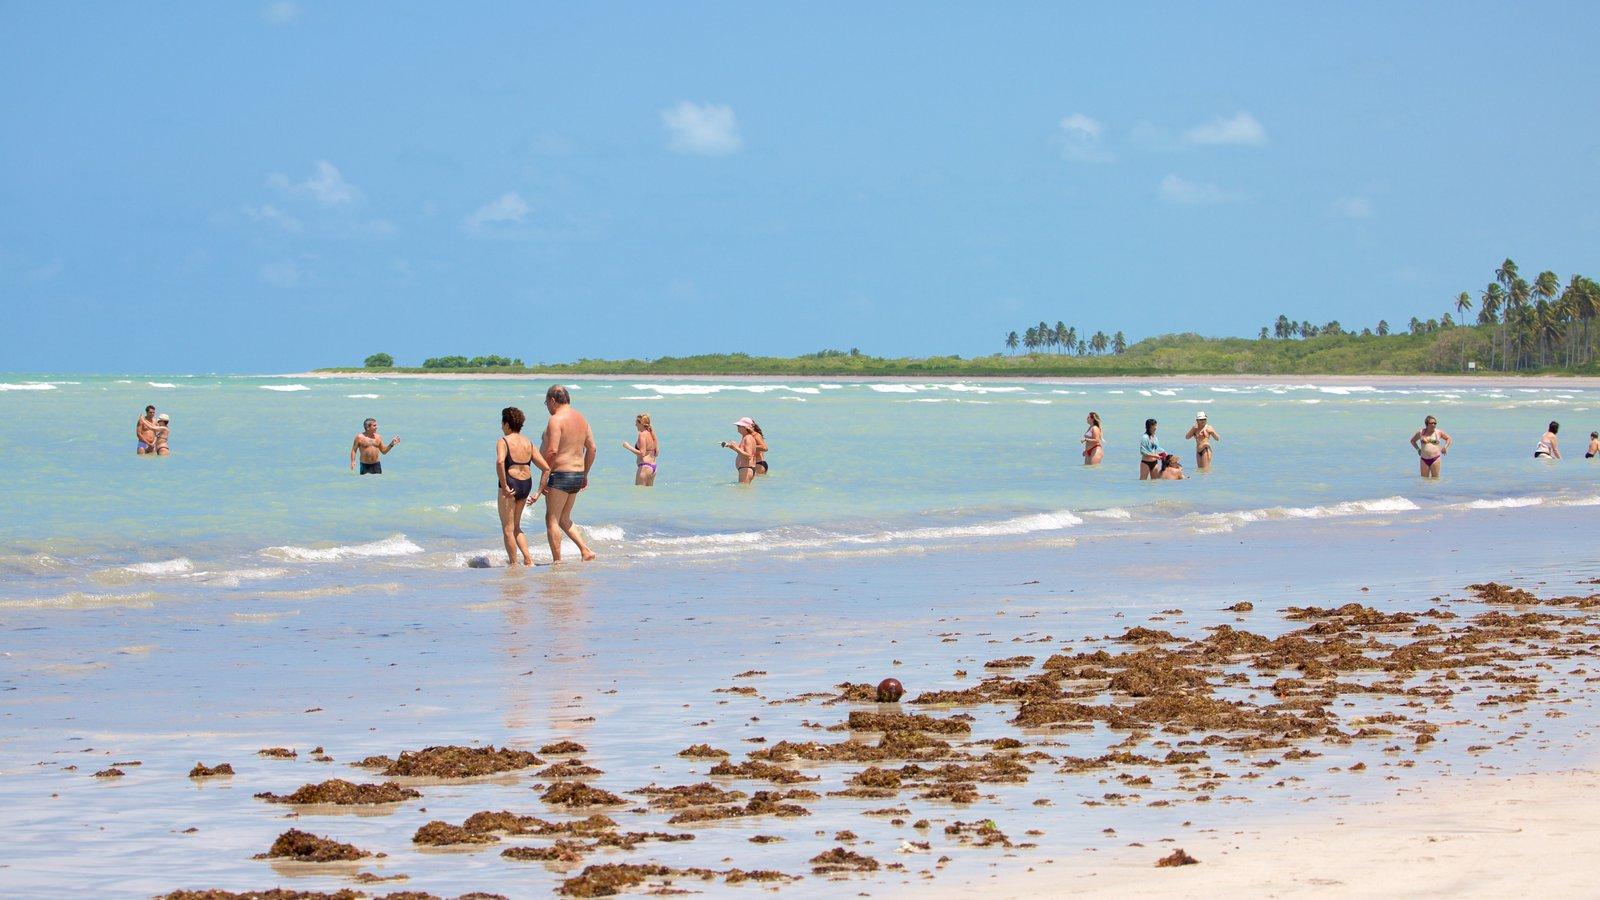 Praia de Paripueira que inclui natação, uma praia e paisagens litorâneas